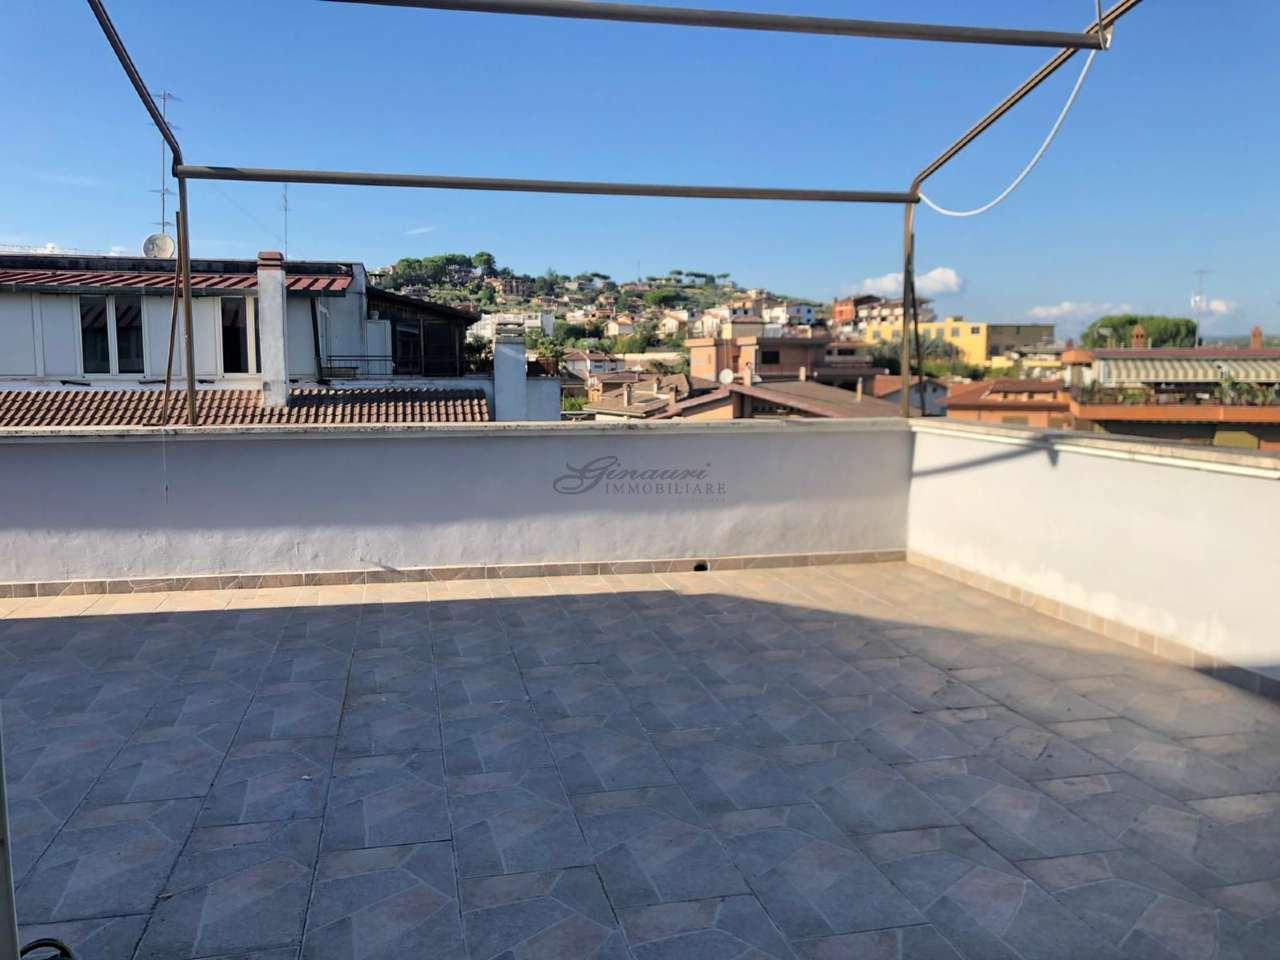 Attico / Mansarda in vendita a Fonte Nuova, 3 locali, prezzo € 119.000   PortaleAgenzieImmobiliari.it